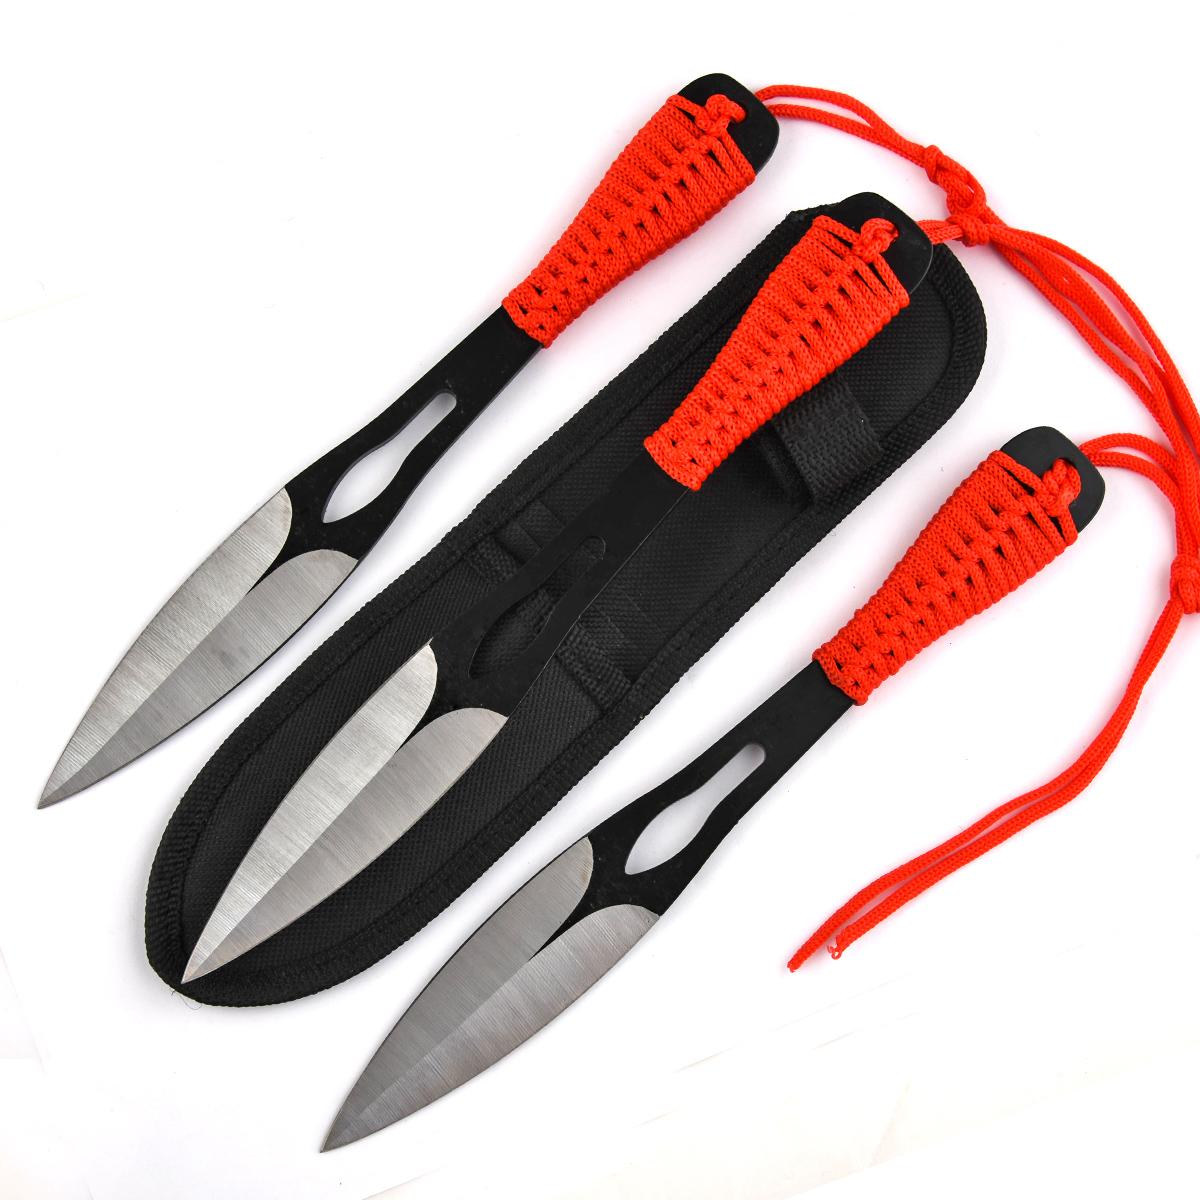 Высокоточные спортивно-метательные ножи по специальной цене